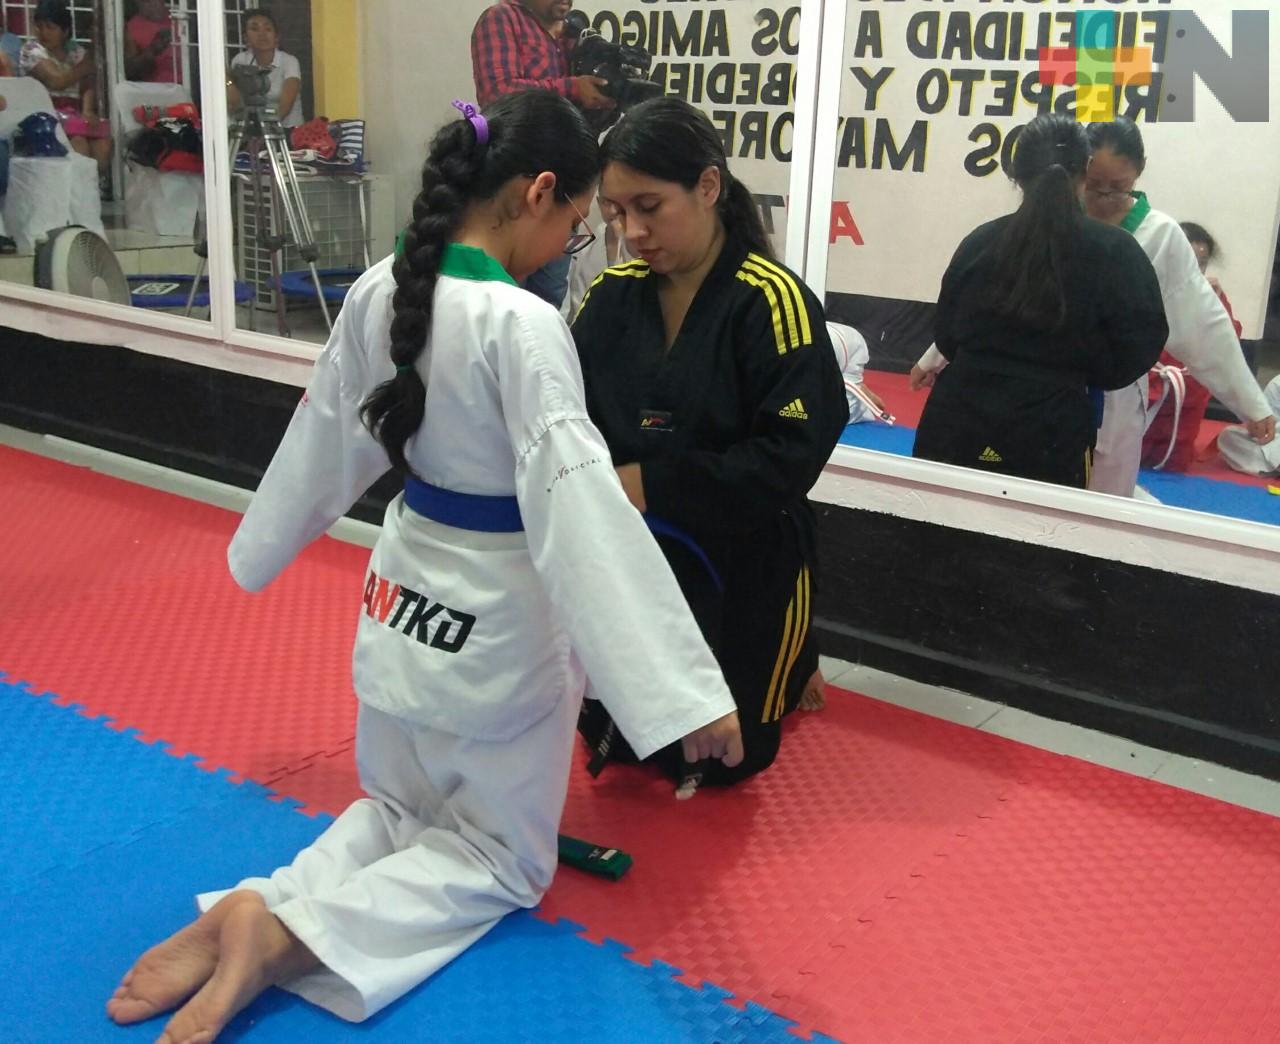 Realizaron cambio de grados en Academia Nacional de Taekwondo